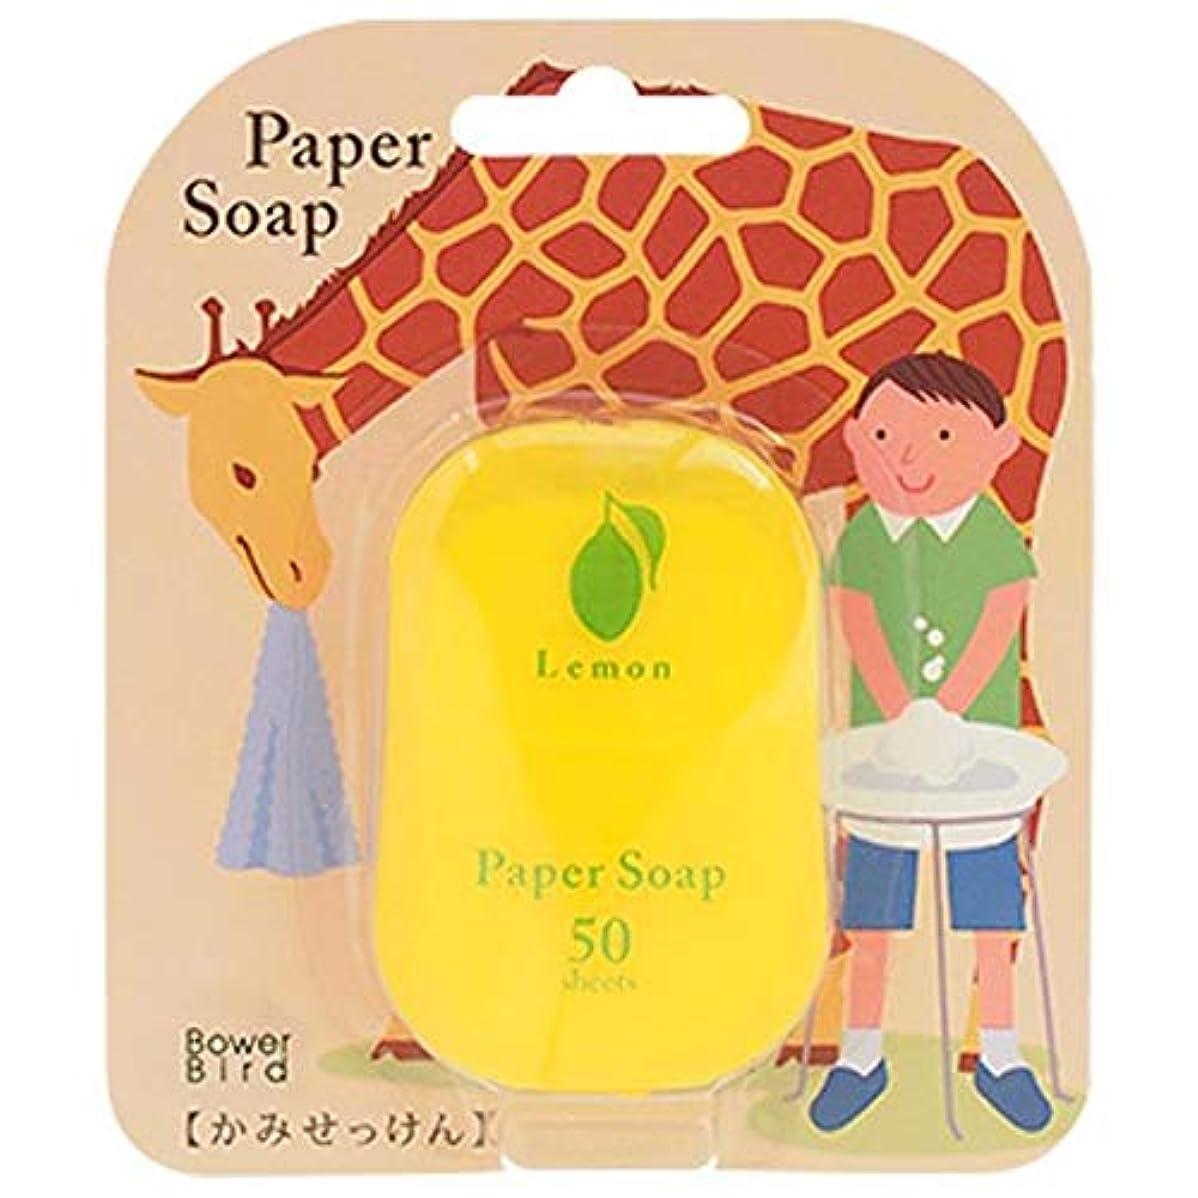 ファンシー息を切らしておそらくペーパーソープ レモンの香り